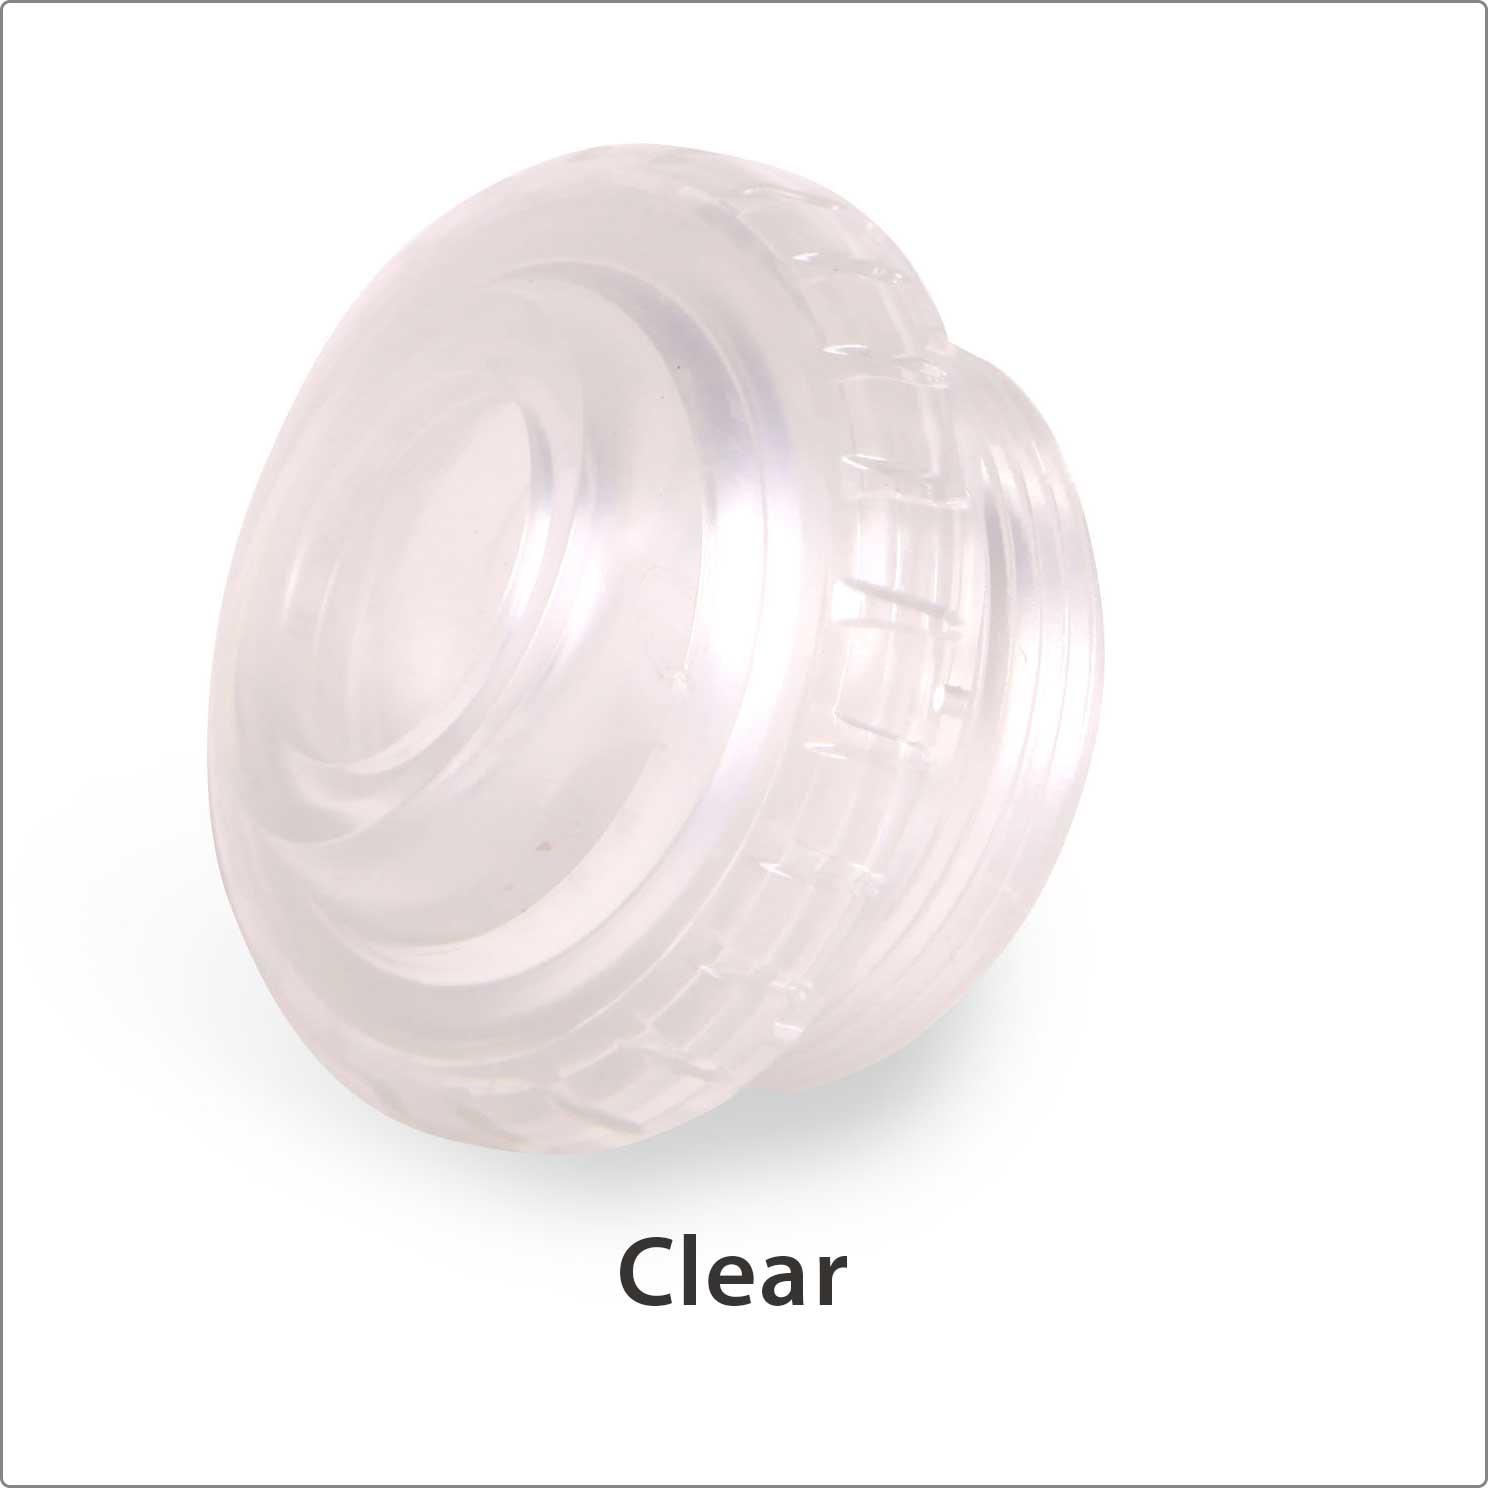 Threaded-Eyeball-Clear.jpg